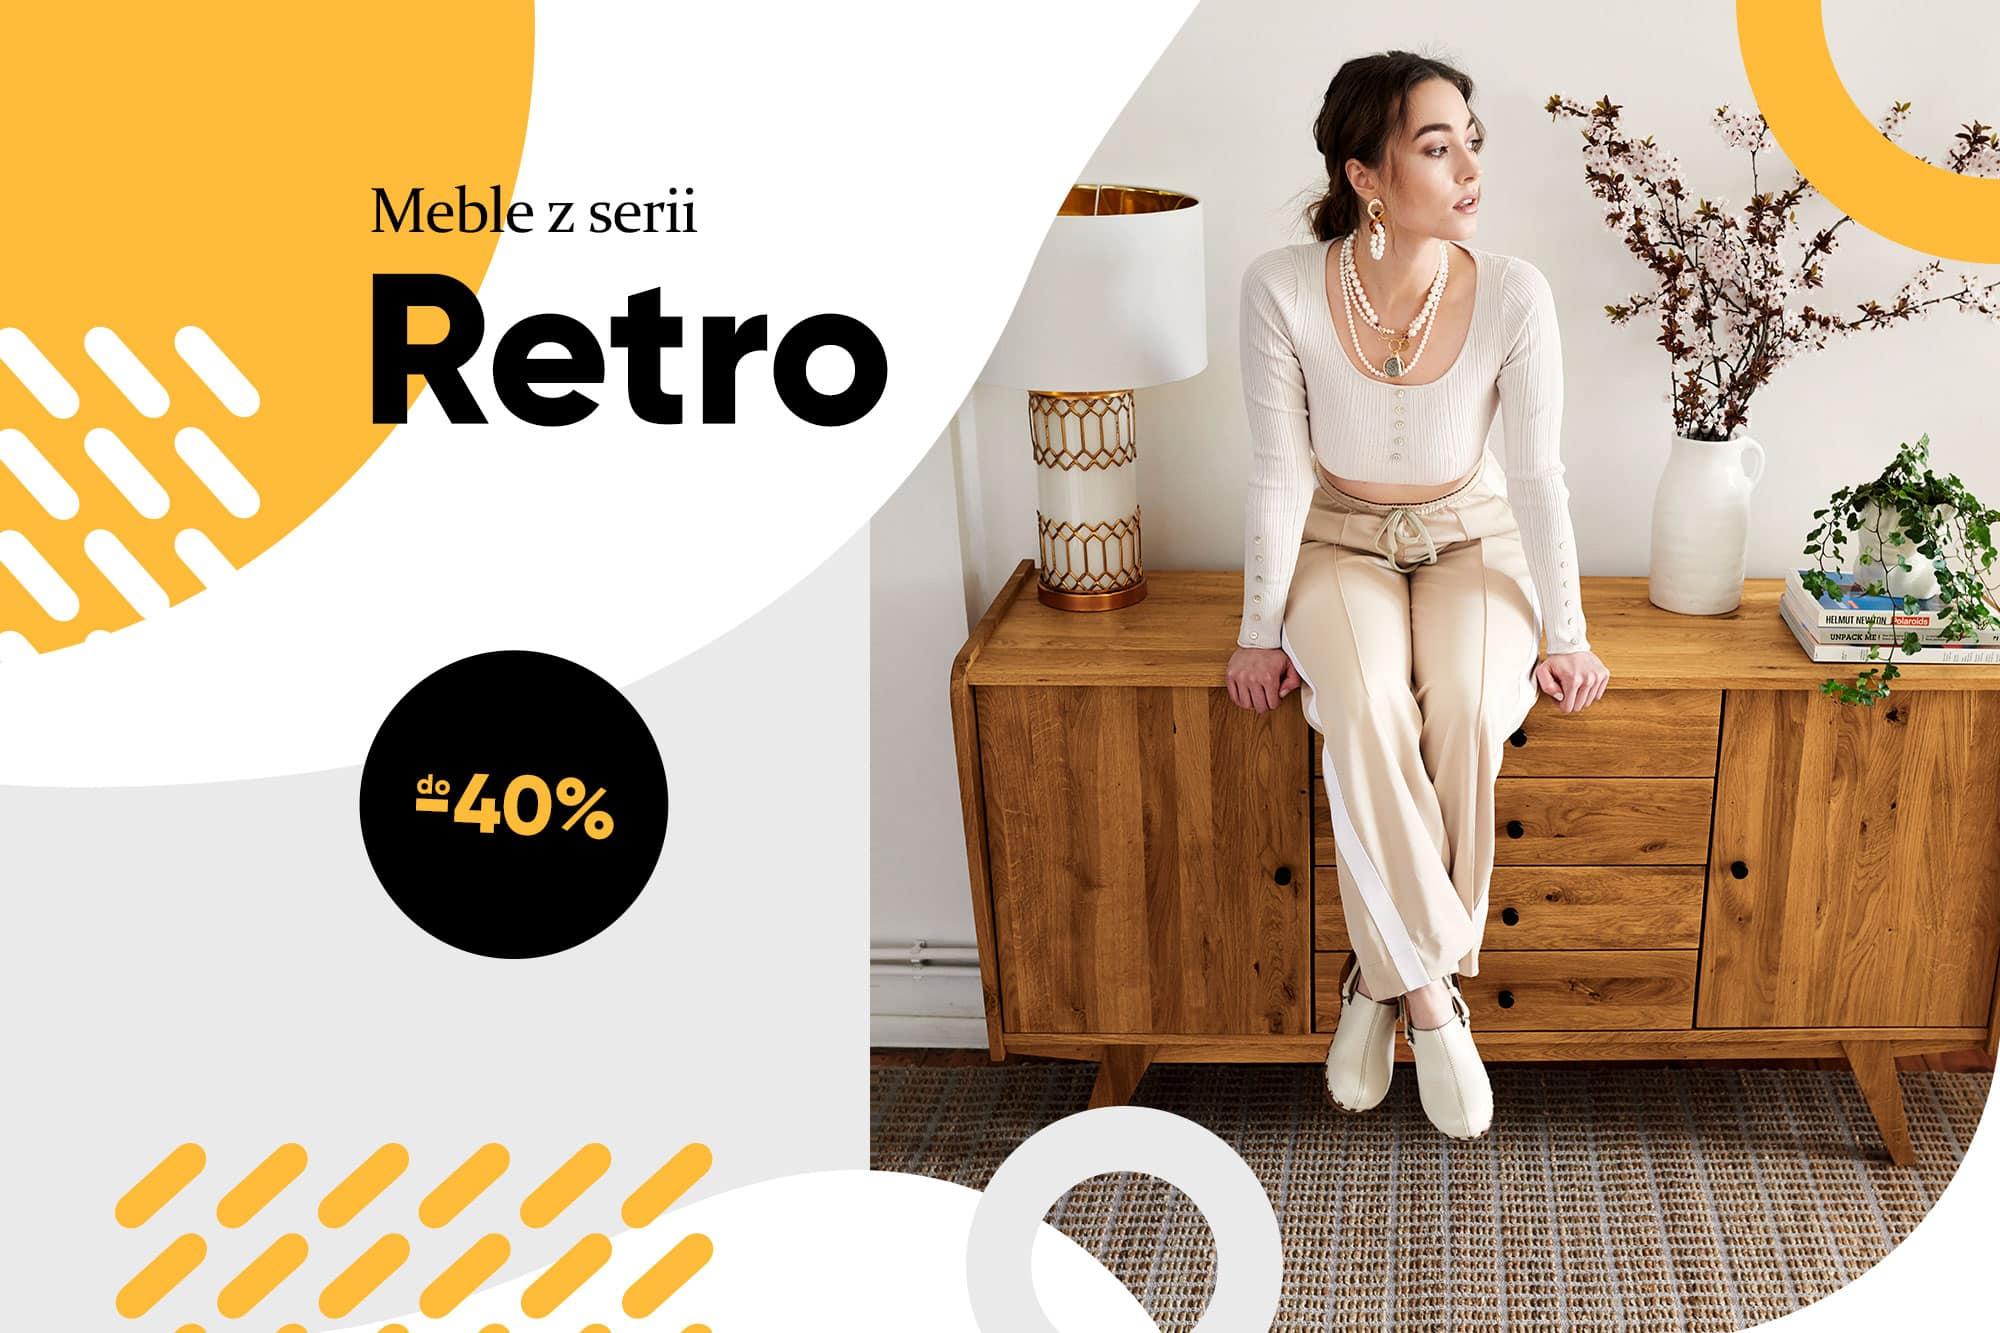 Zdjęcie 1 - RETRO - Kolekcja mebli do sypialni z drewna litego